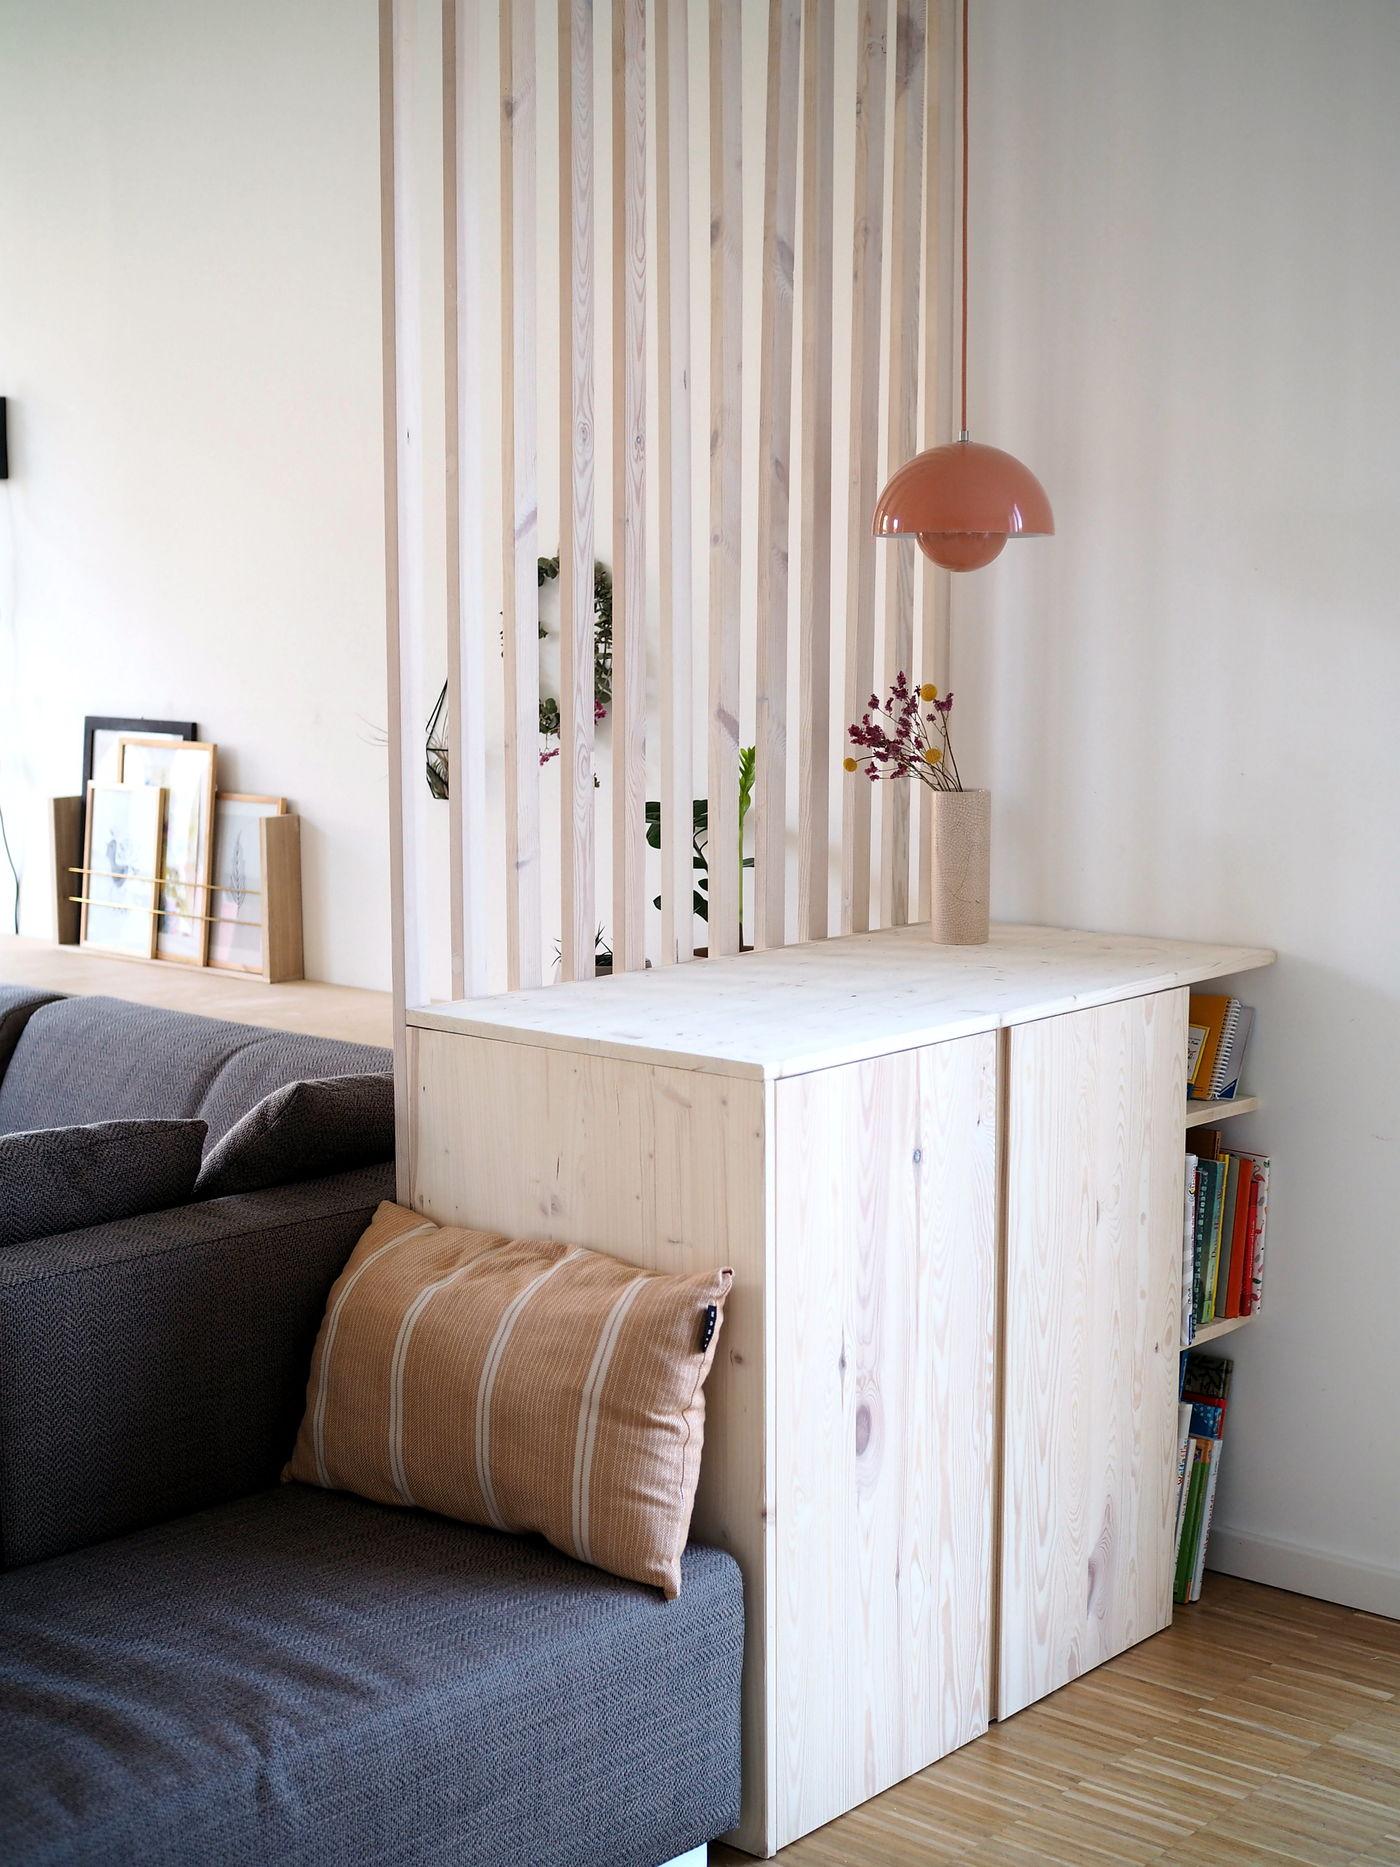 Full Size of Paravent Ikea Ideen Fr Raumteiler Und Raumtrenner Garten Modulküche Betten 160x200 Bei Sofa Mit Schlaffunktion Küche Kosten Kaufen Miniküche Wohnzimmer Paravent Ikea